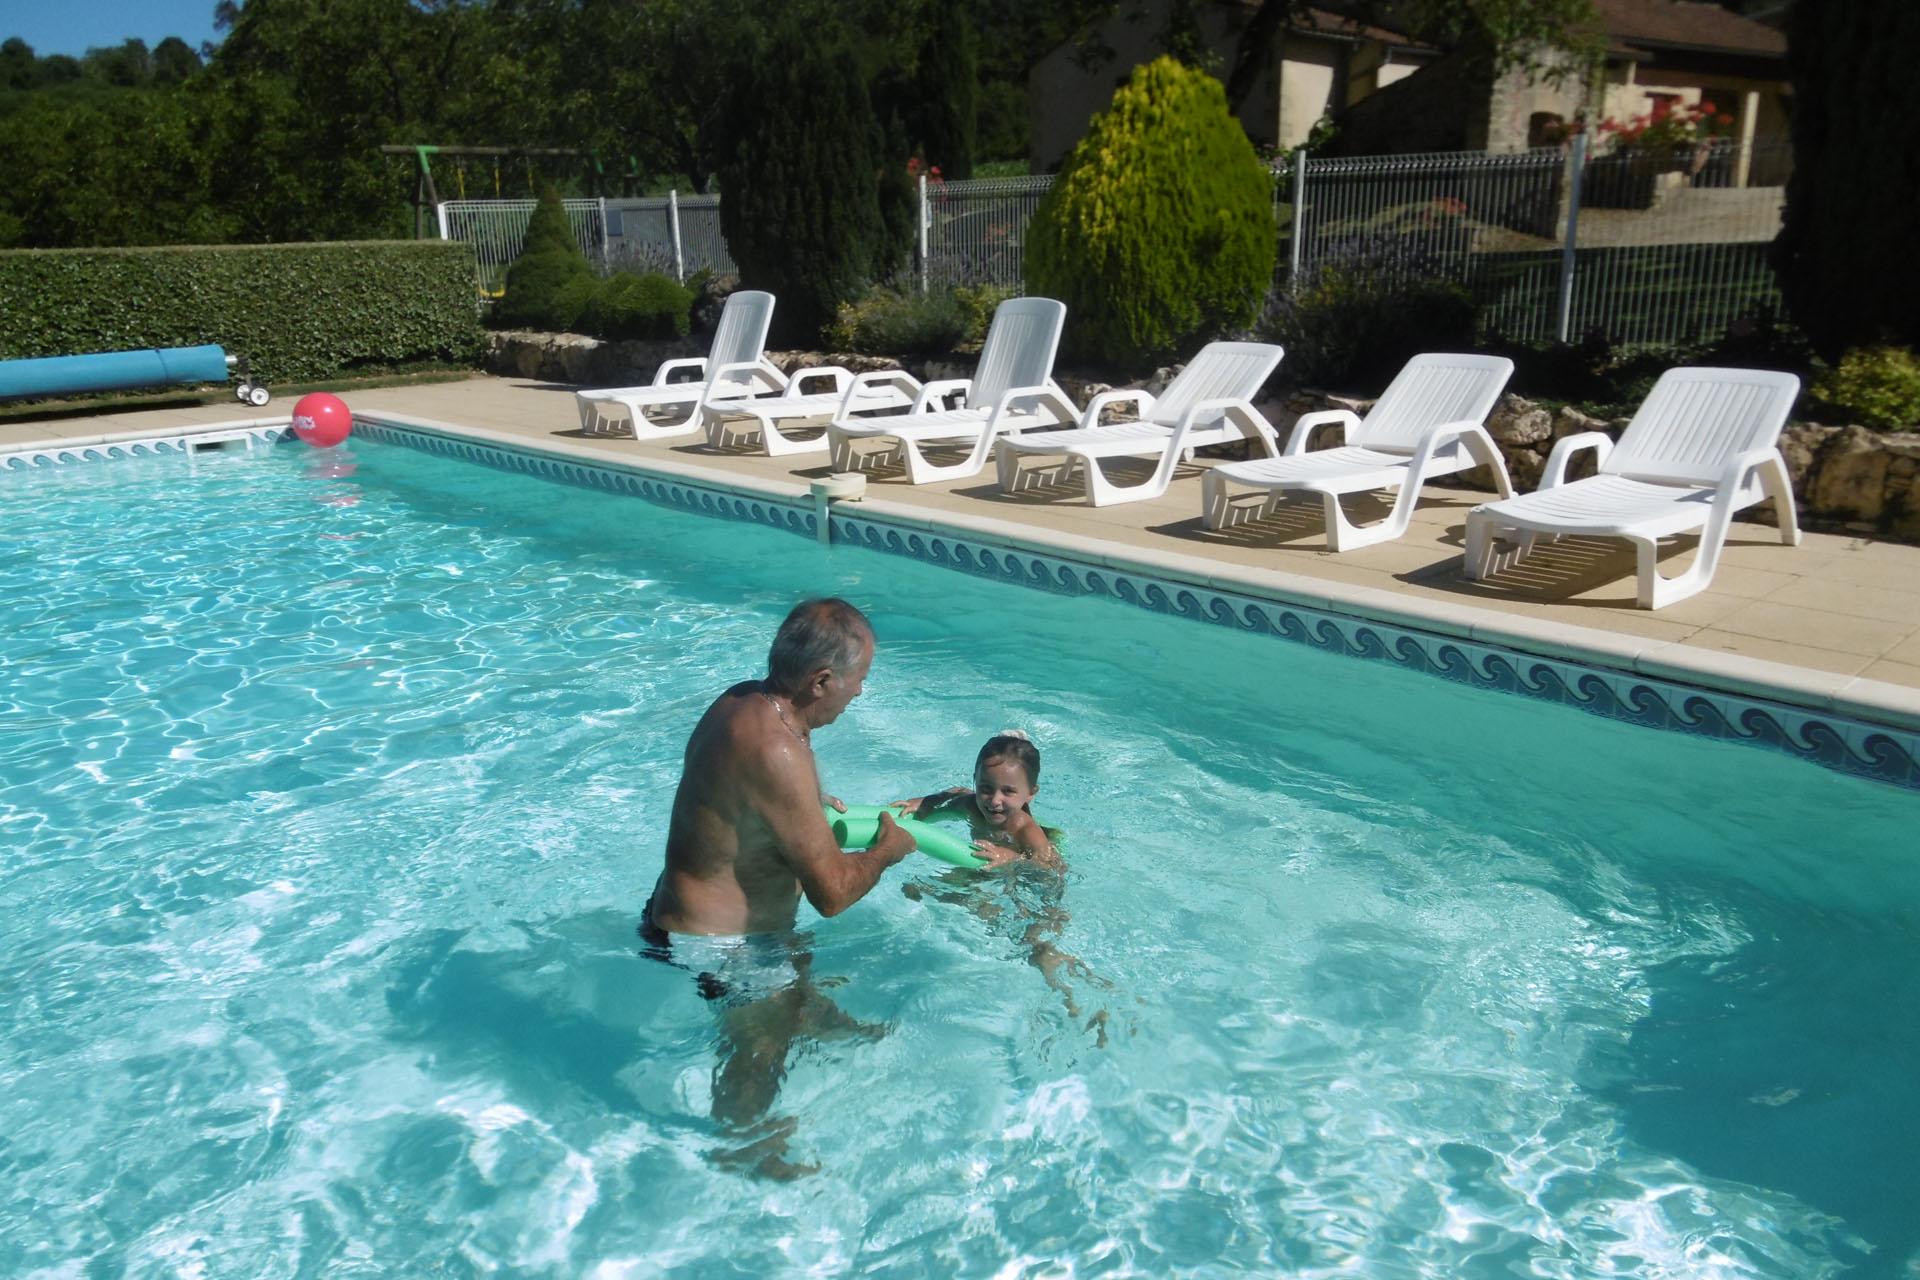 Jeux dans la piscine amazing excellent castorama piscine for Piscine gonflable castorama